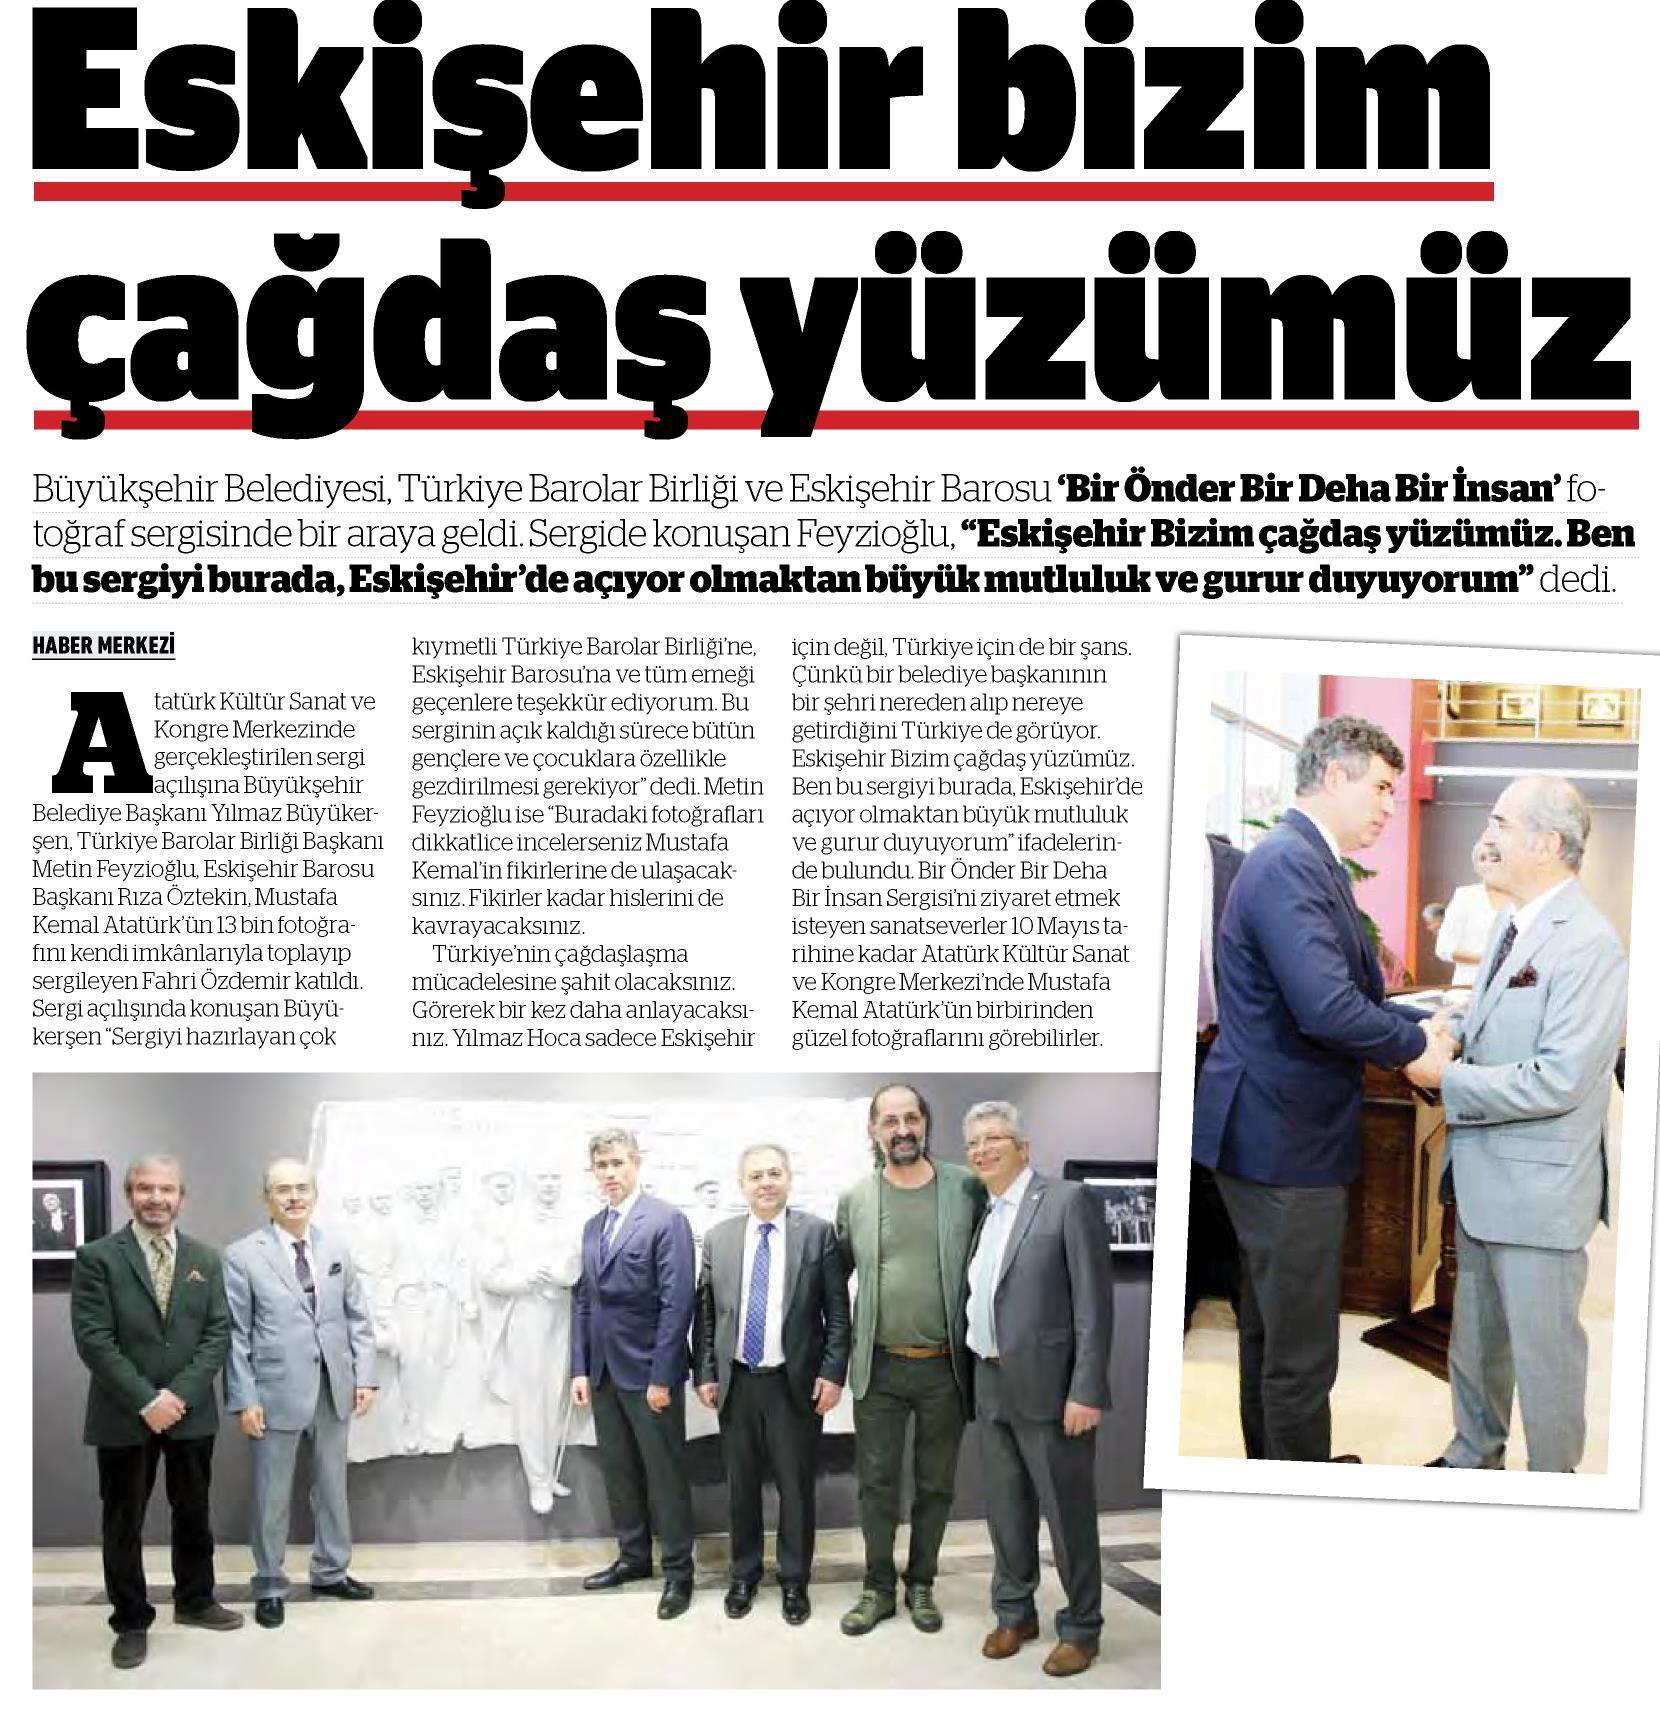 Yerel - Eskişehir Anadolu, Eskişehir bizim çağdaş yüzümüz